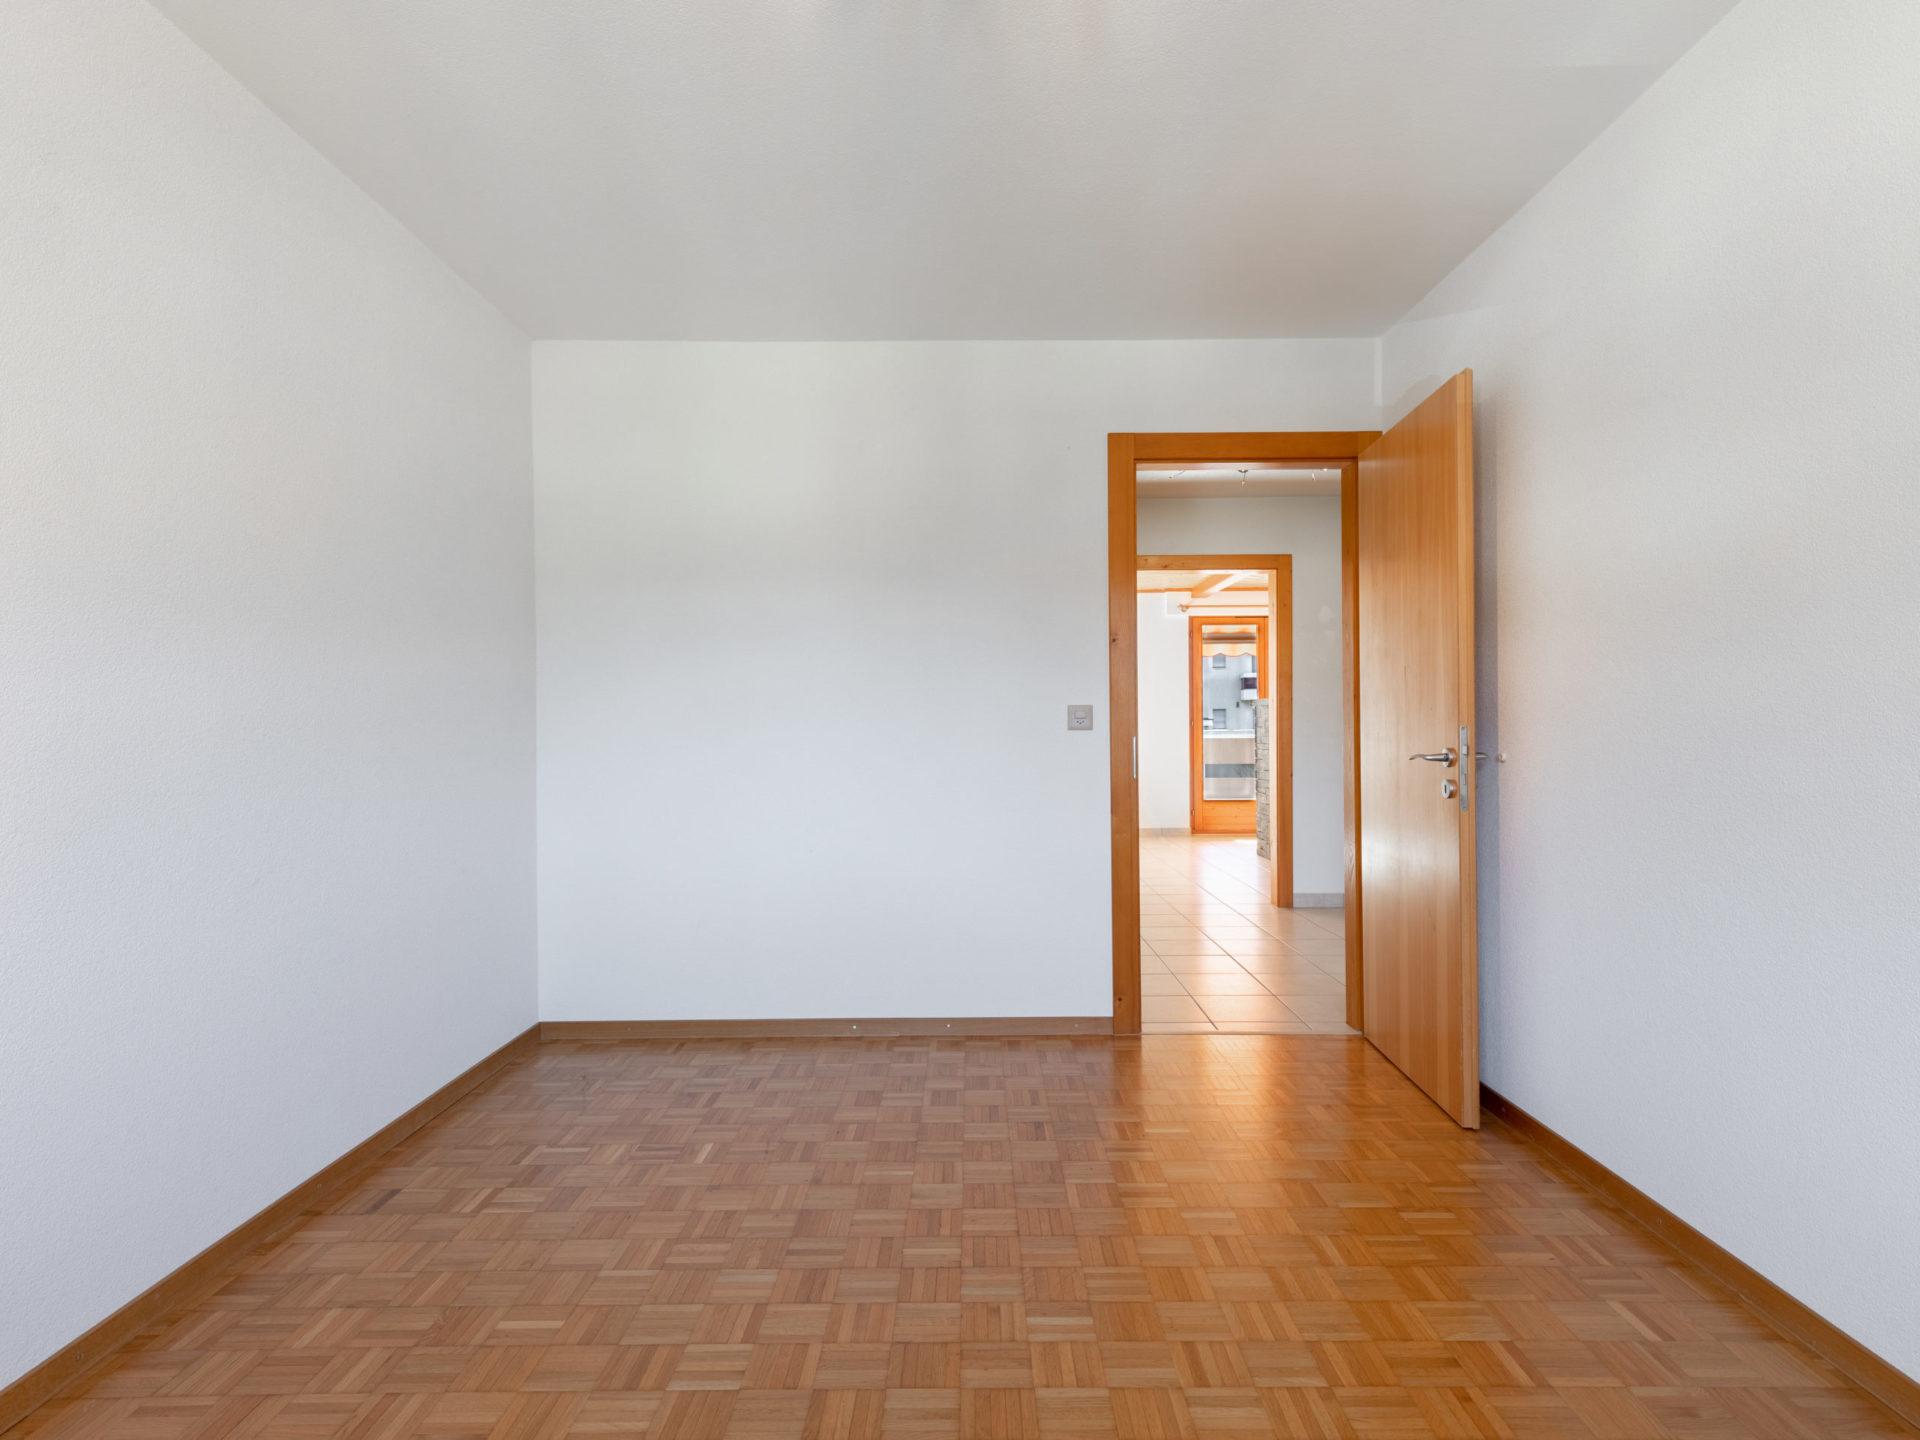 Attique 5 pièces ½ de 123 m2 à 2 min de l'école et de la crèche